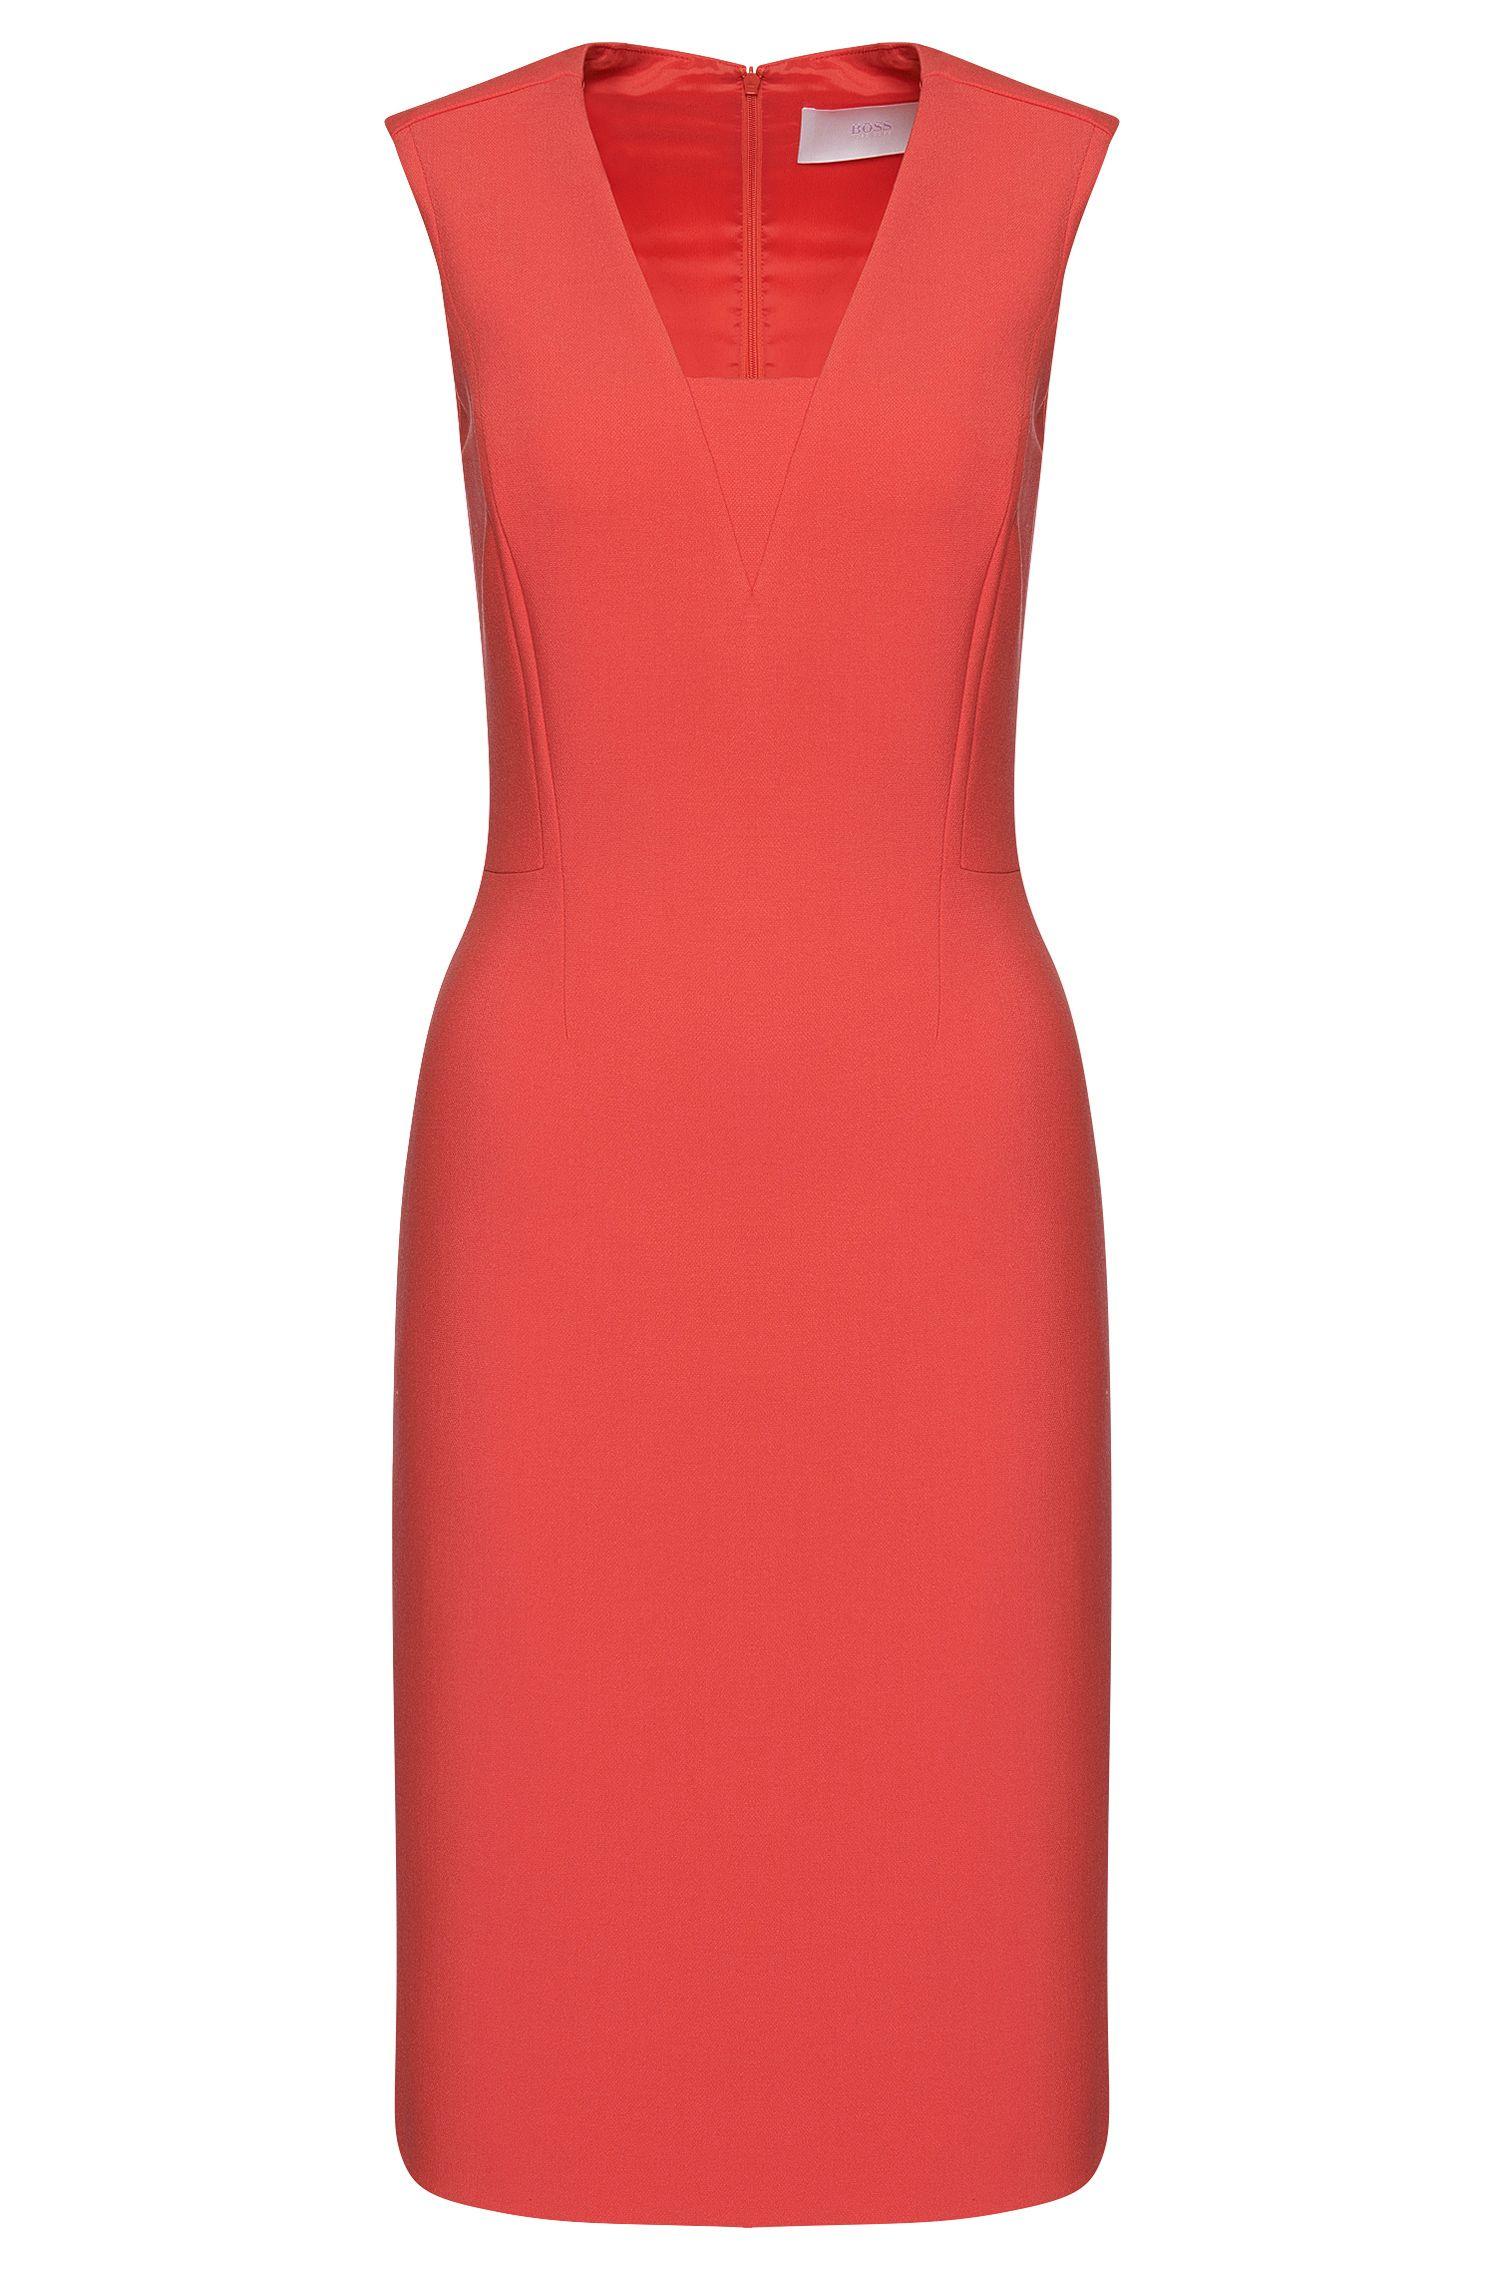 'Dasala' | Stretch Cotton Blend Sheath Dress